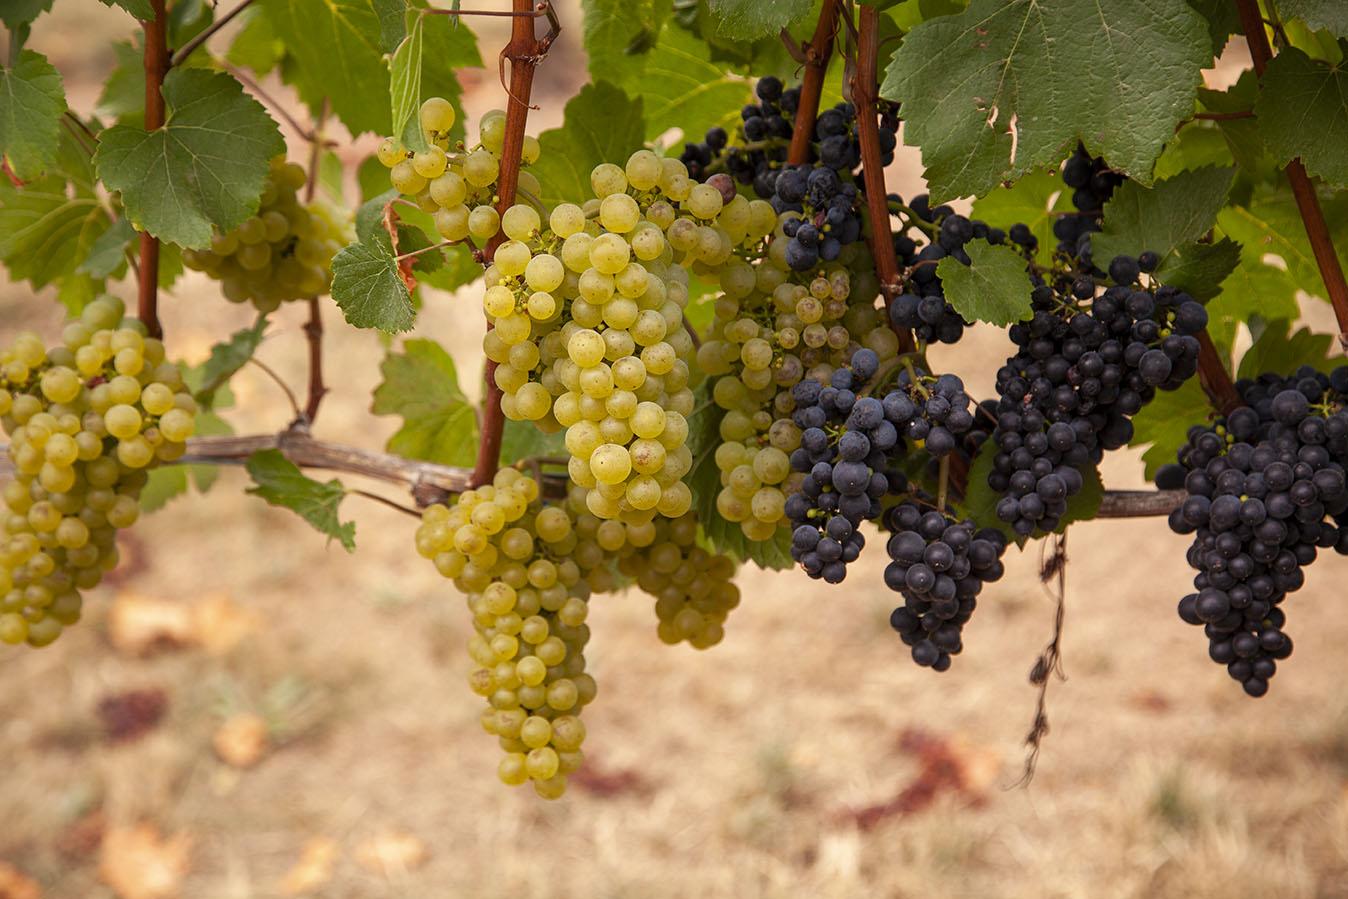 Oregon wine grapes